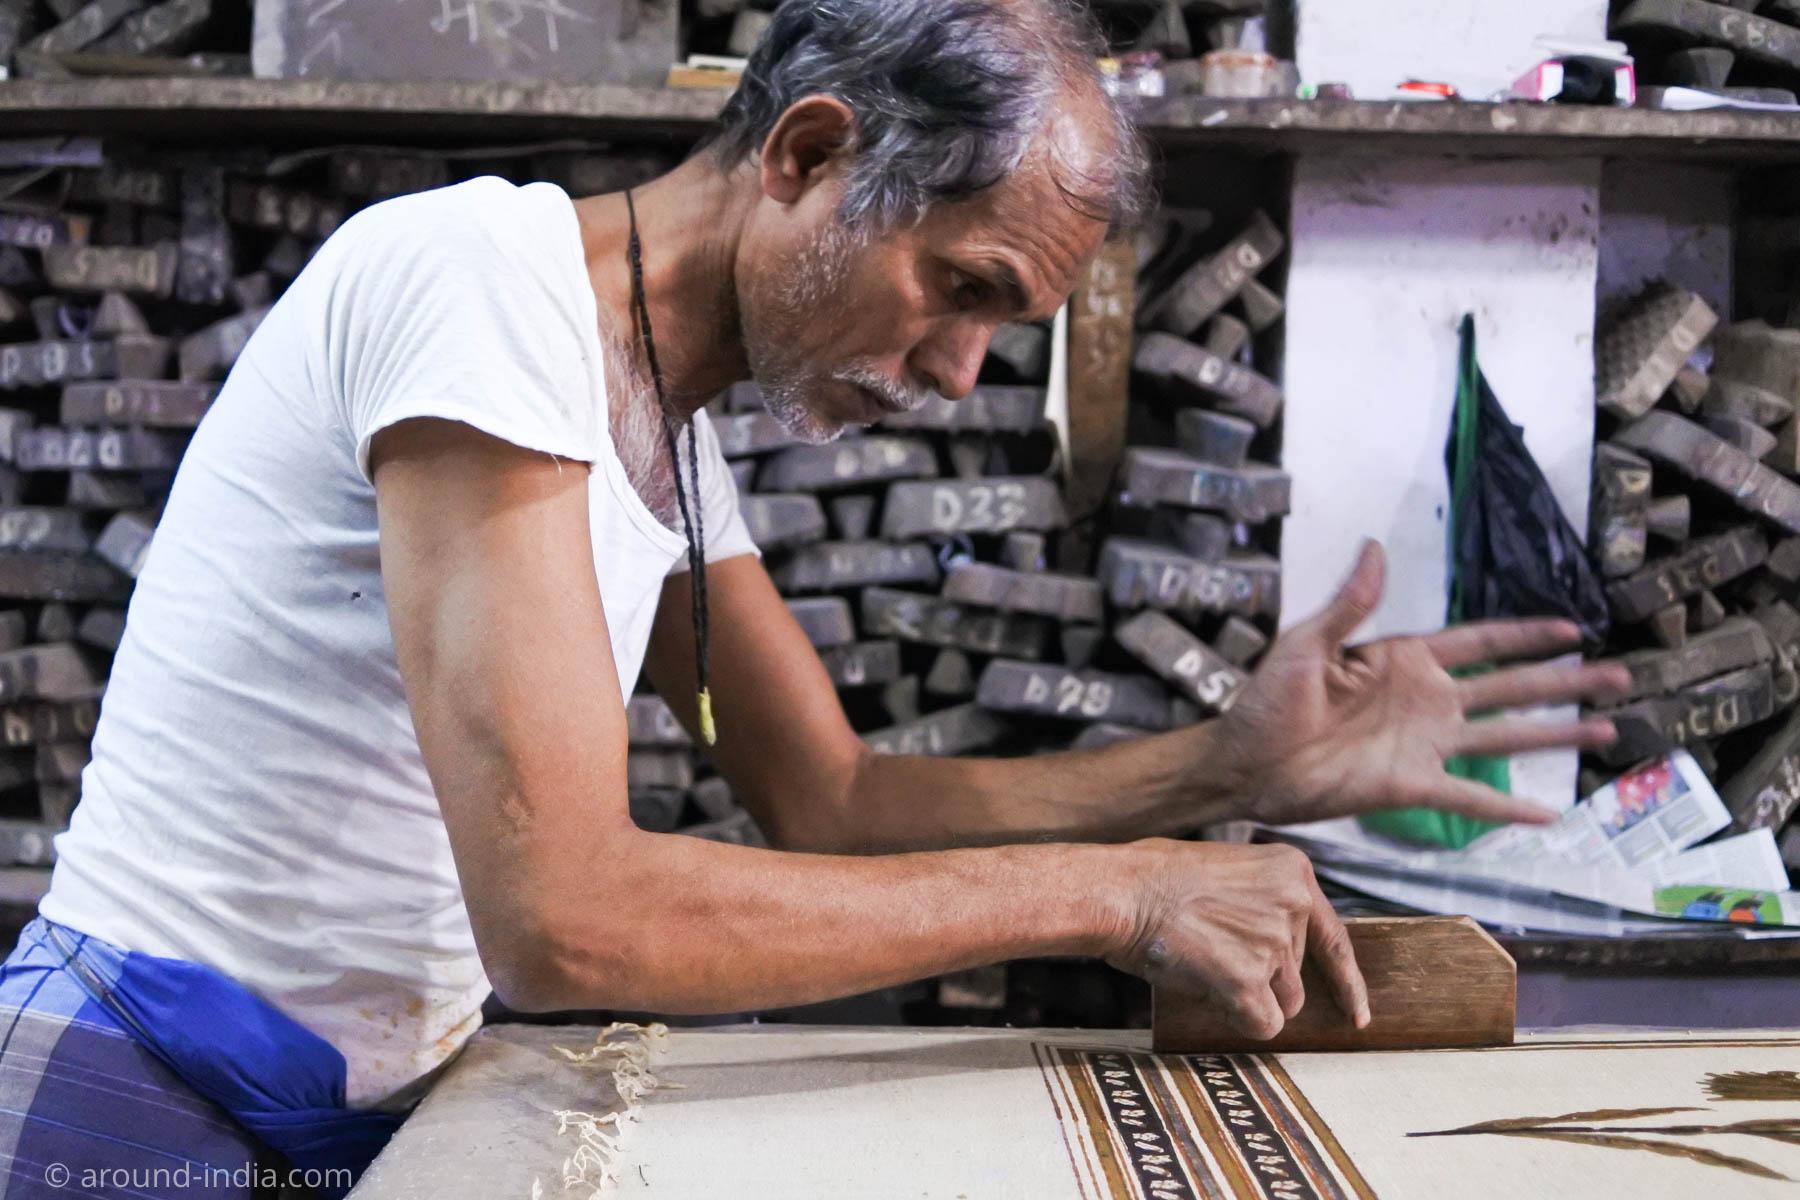 ムンバイ木版リント工房Pracheen 版を押す職人さんの手には大きくて固いまめができています